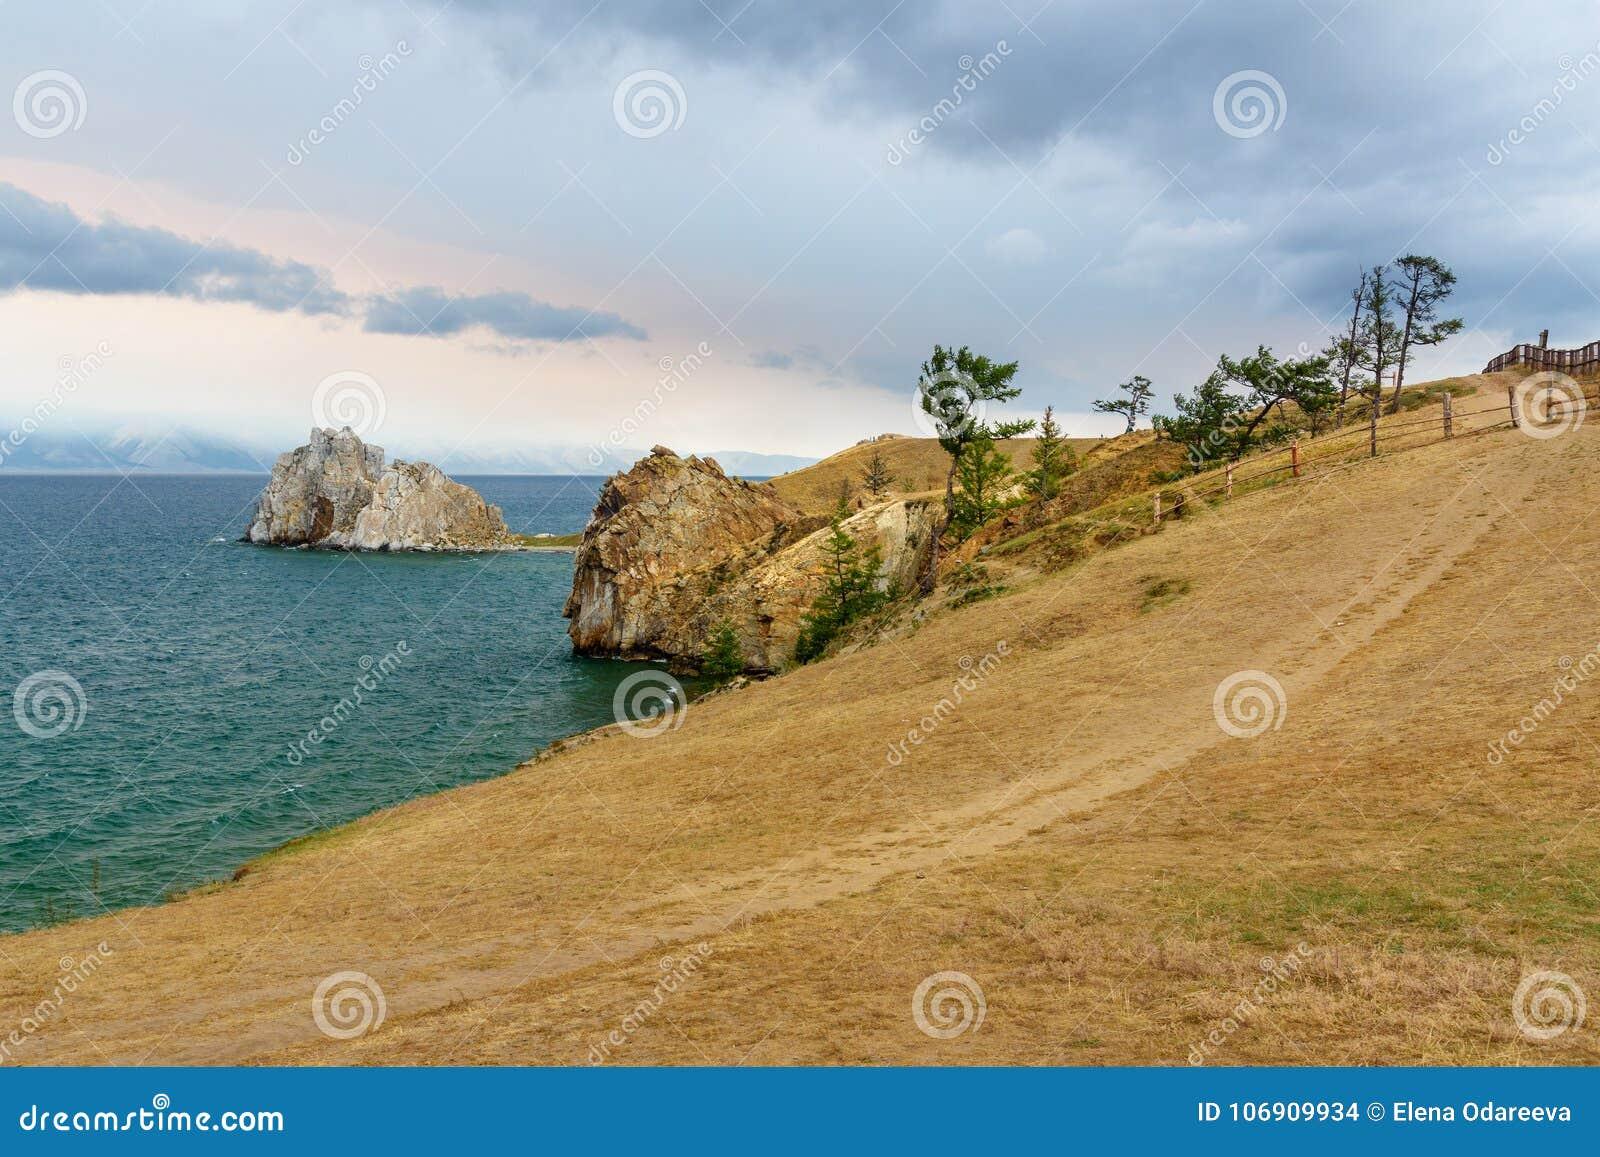 Widok szaman skała baikal jeziora baikal jezioro olkhon Rosji wyspy Rosja